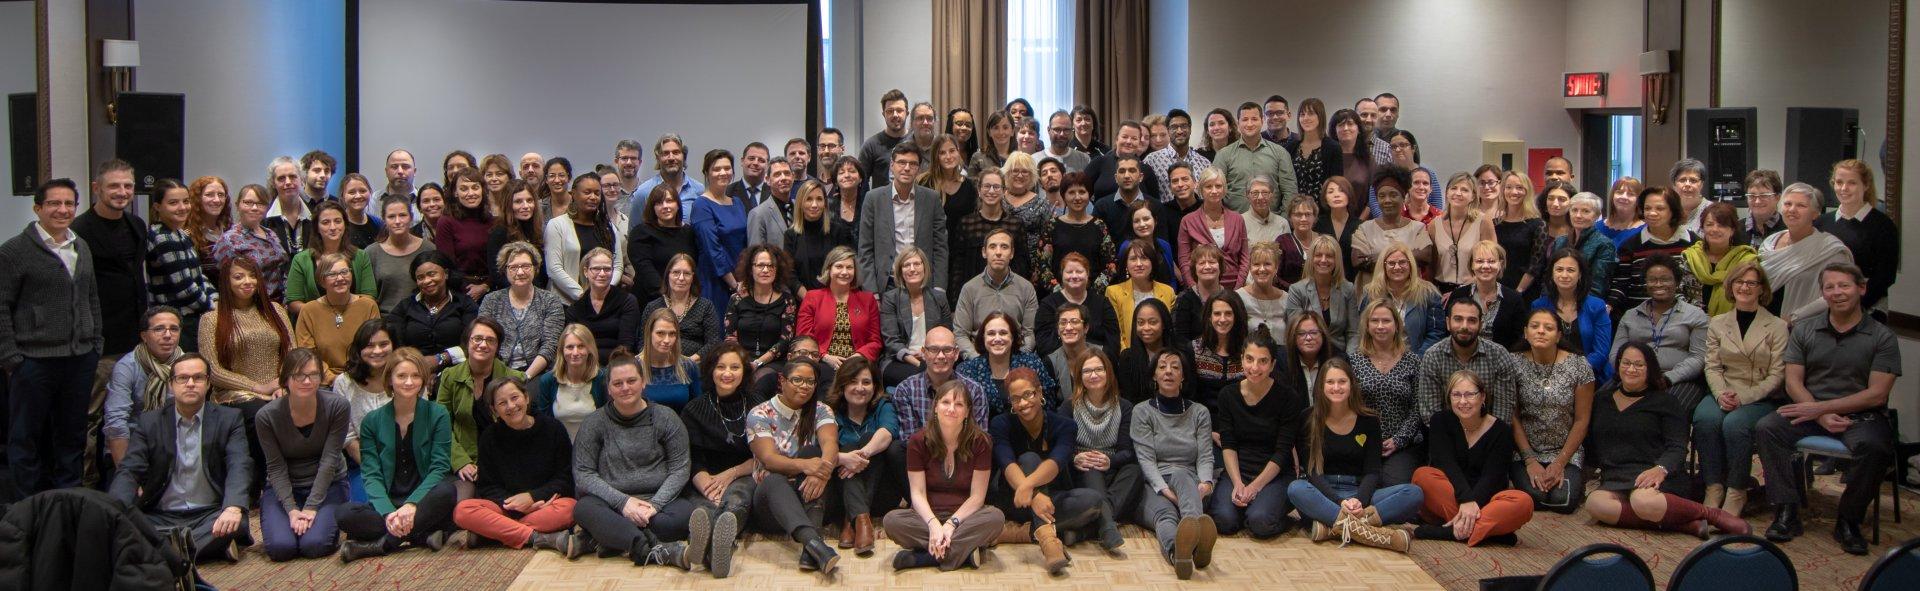 Photo d'équipe de tous les membres du personnel de la Commission.